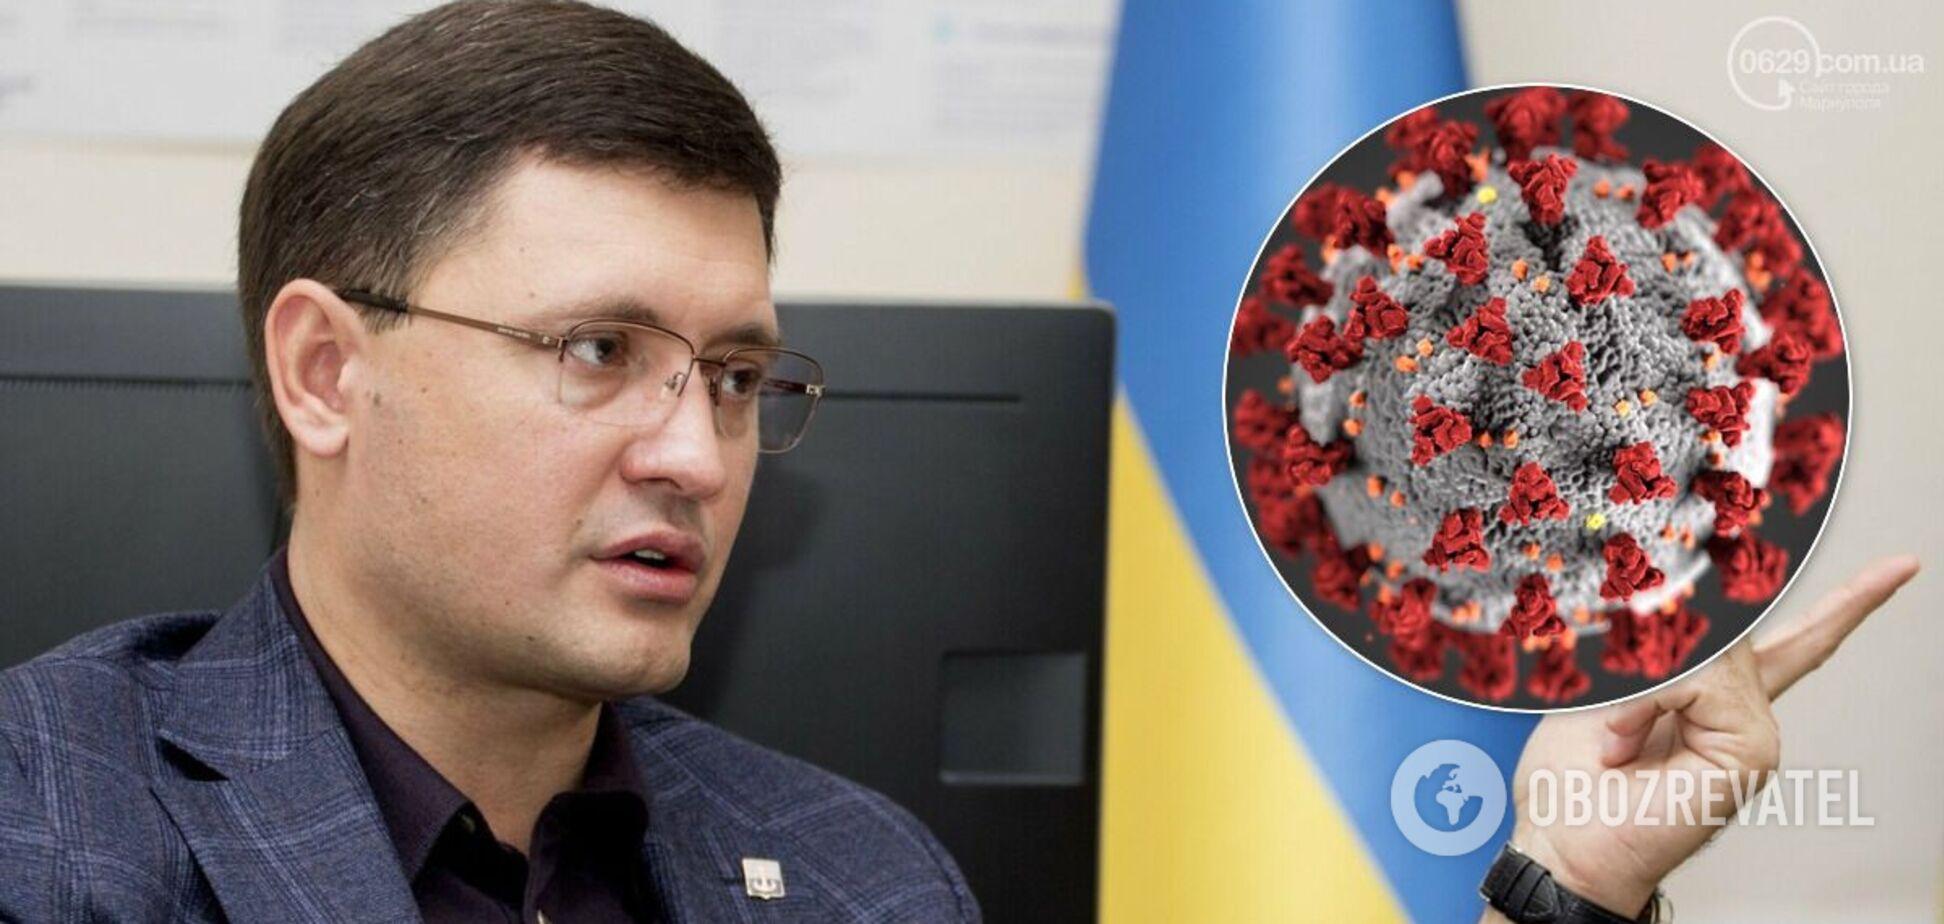 Тест на коронавирус показал положительный результат у Бойченко